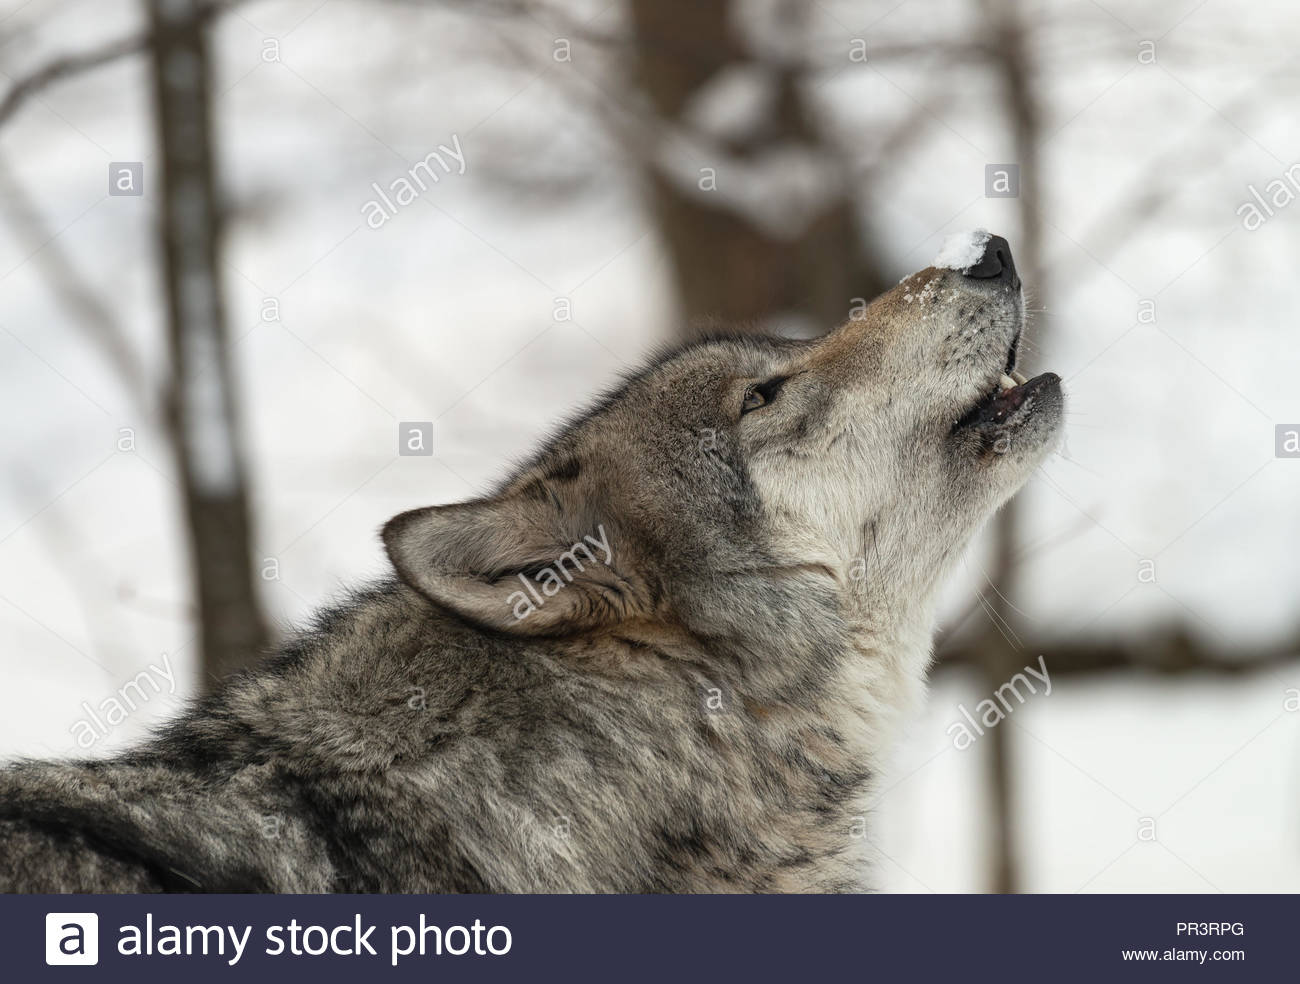 Timber Wolf (auch bekannt als grauer Wolf oder grauen Wolf) im Schnee heulen Stockbild